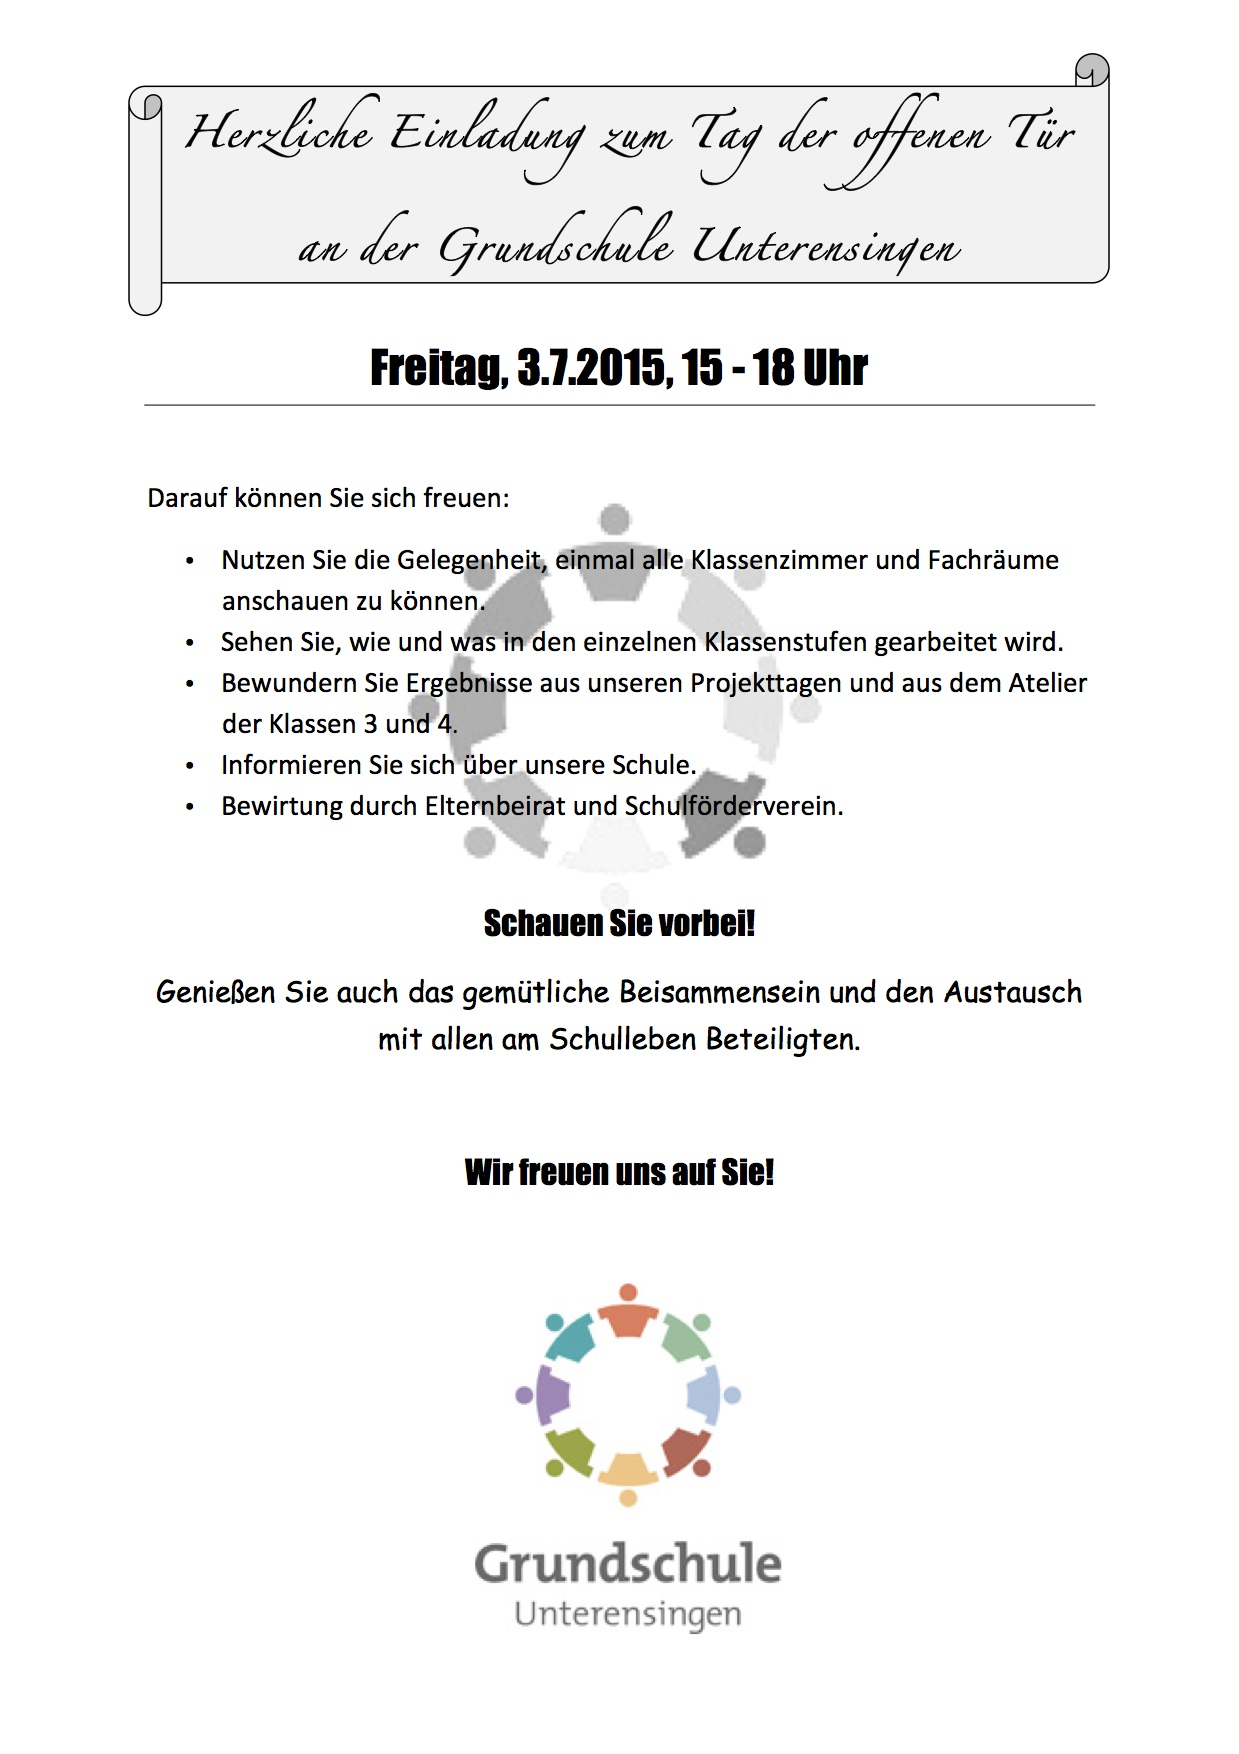 einladung zum tag der offenen tür @ website der grundschule, Einladung